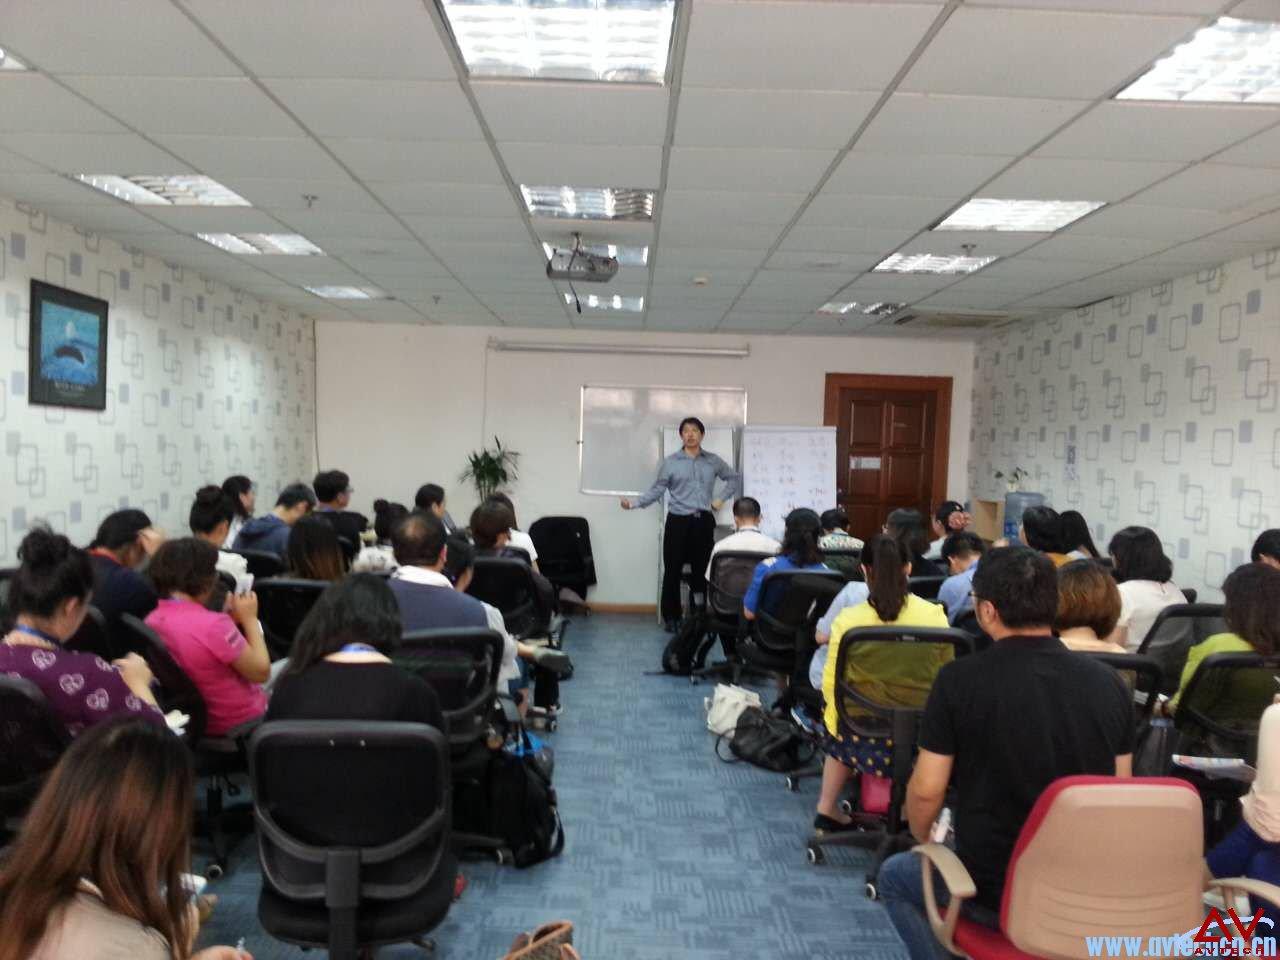 9月12日PDU活动之《TTT培训师训练》体验课成功举 -- 第1张